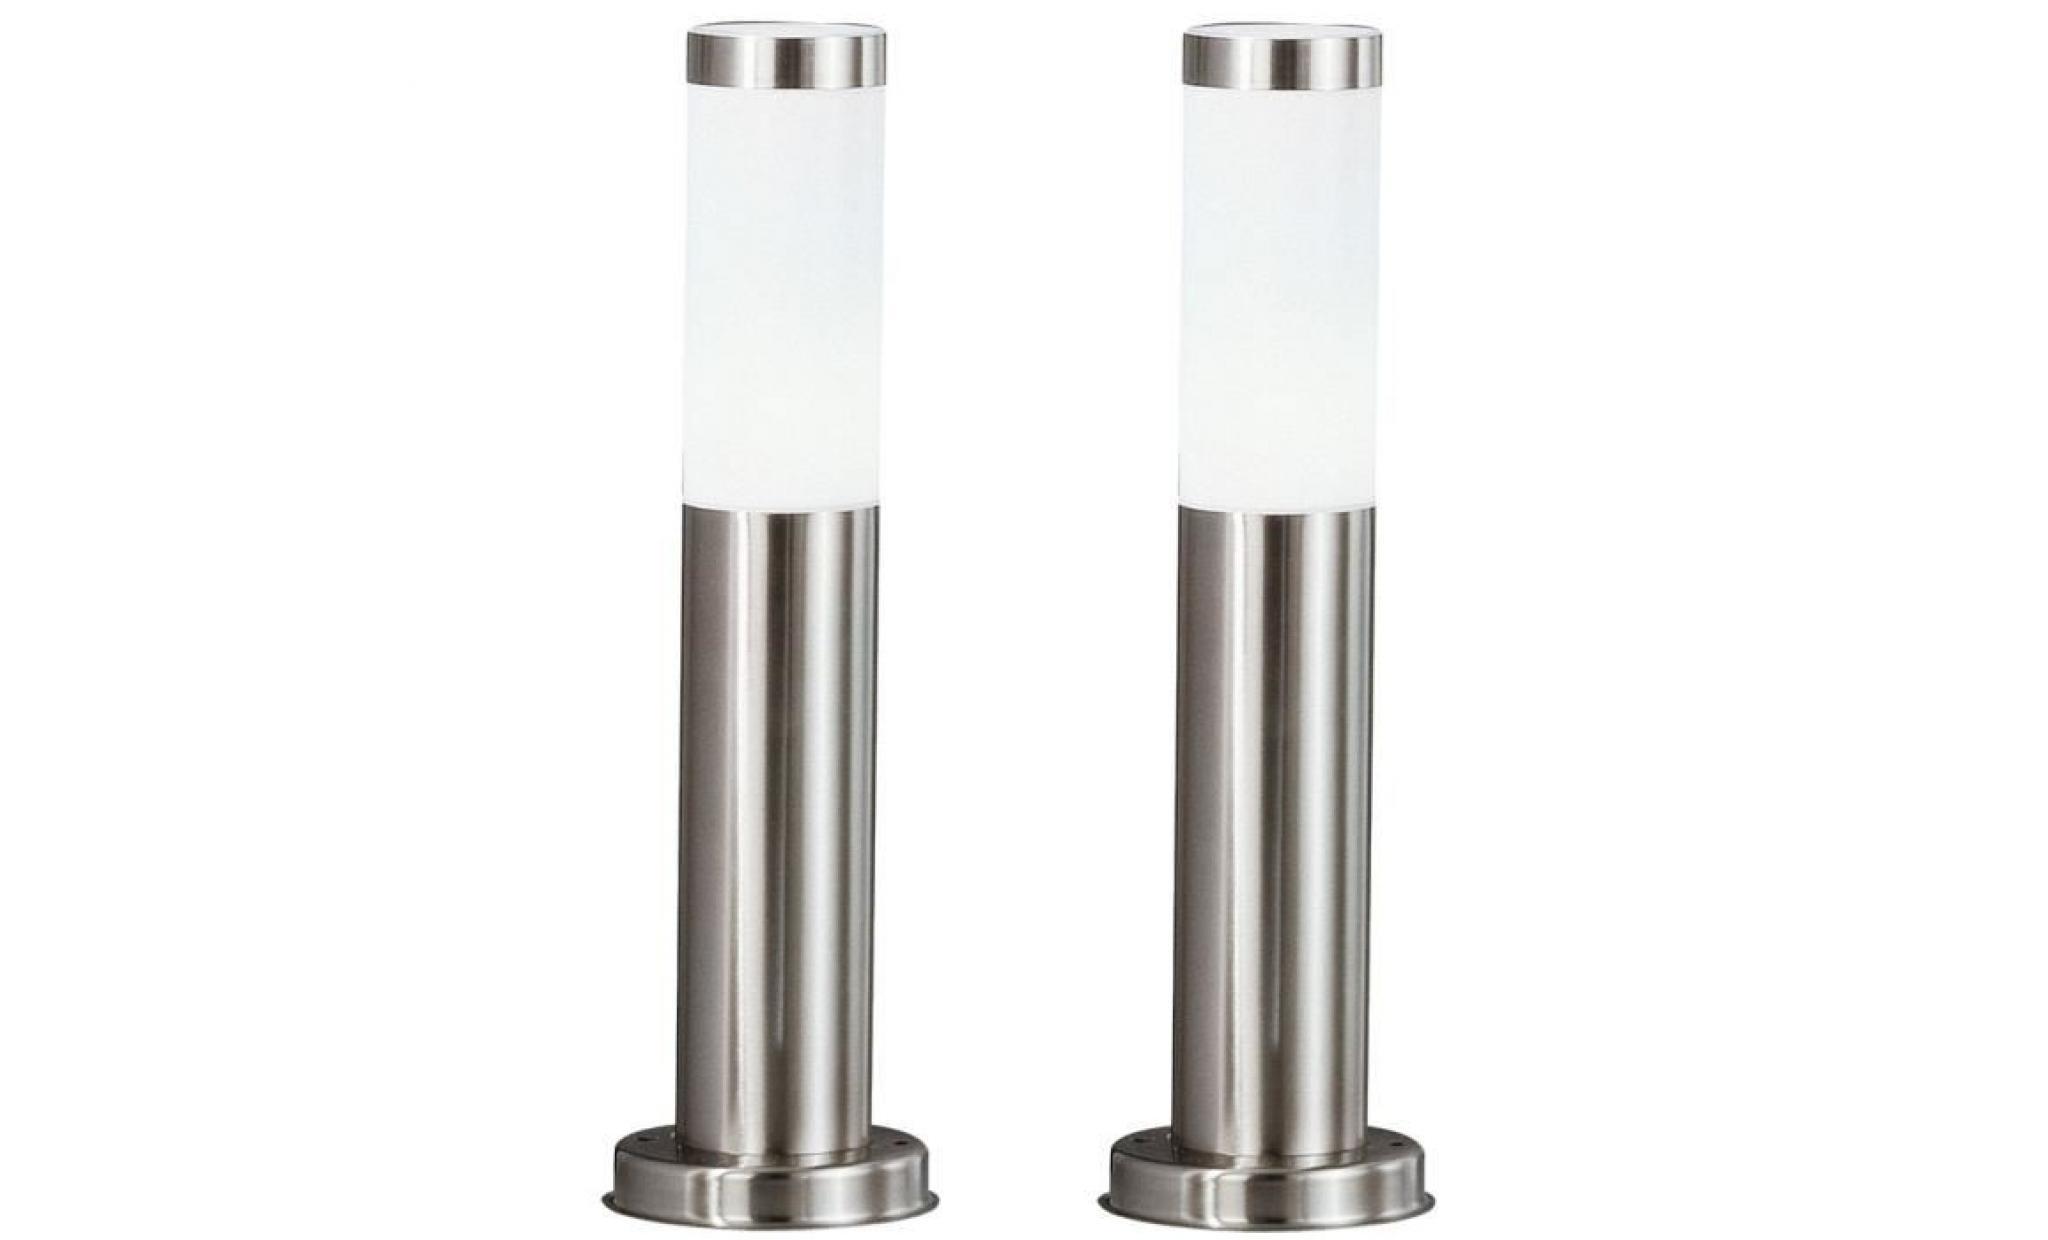 2 X Lampadaire Del Luminaire Sur Pied Espace Exterieur Jardin Terrasse Acier Inoxydable Lampes Led